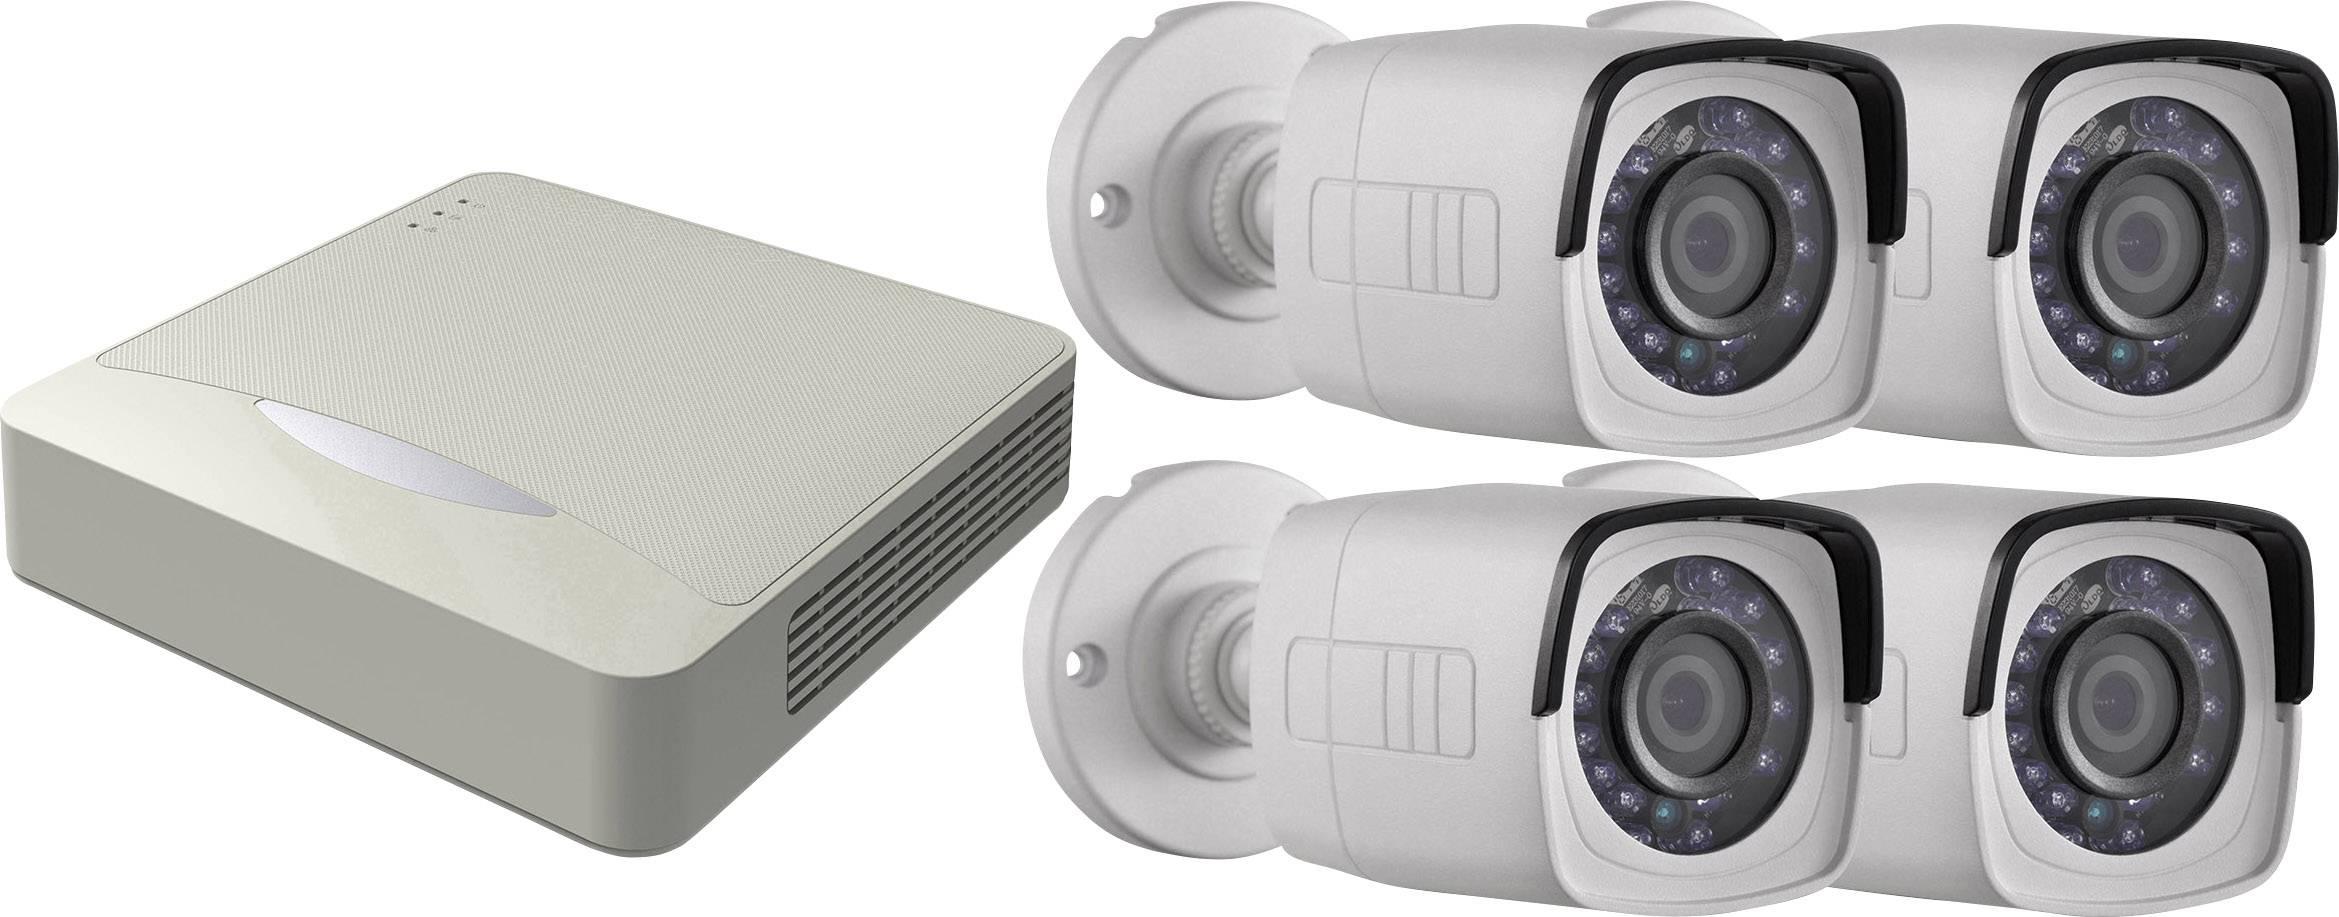 Sada bezpečnostní kamery HiWatch DS-H104Q + DS-T200 , 4kanálová